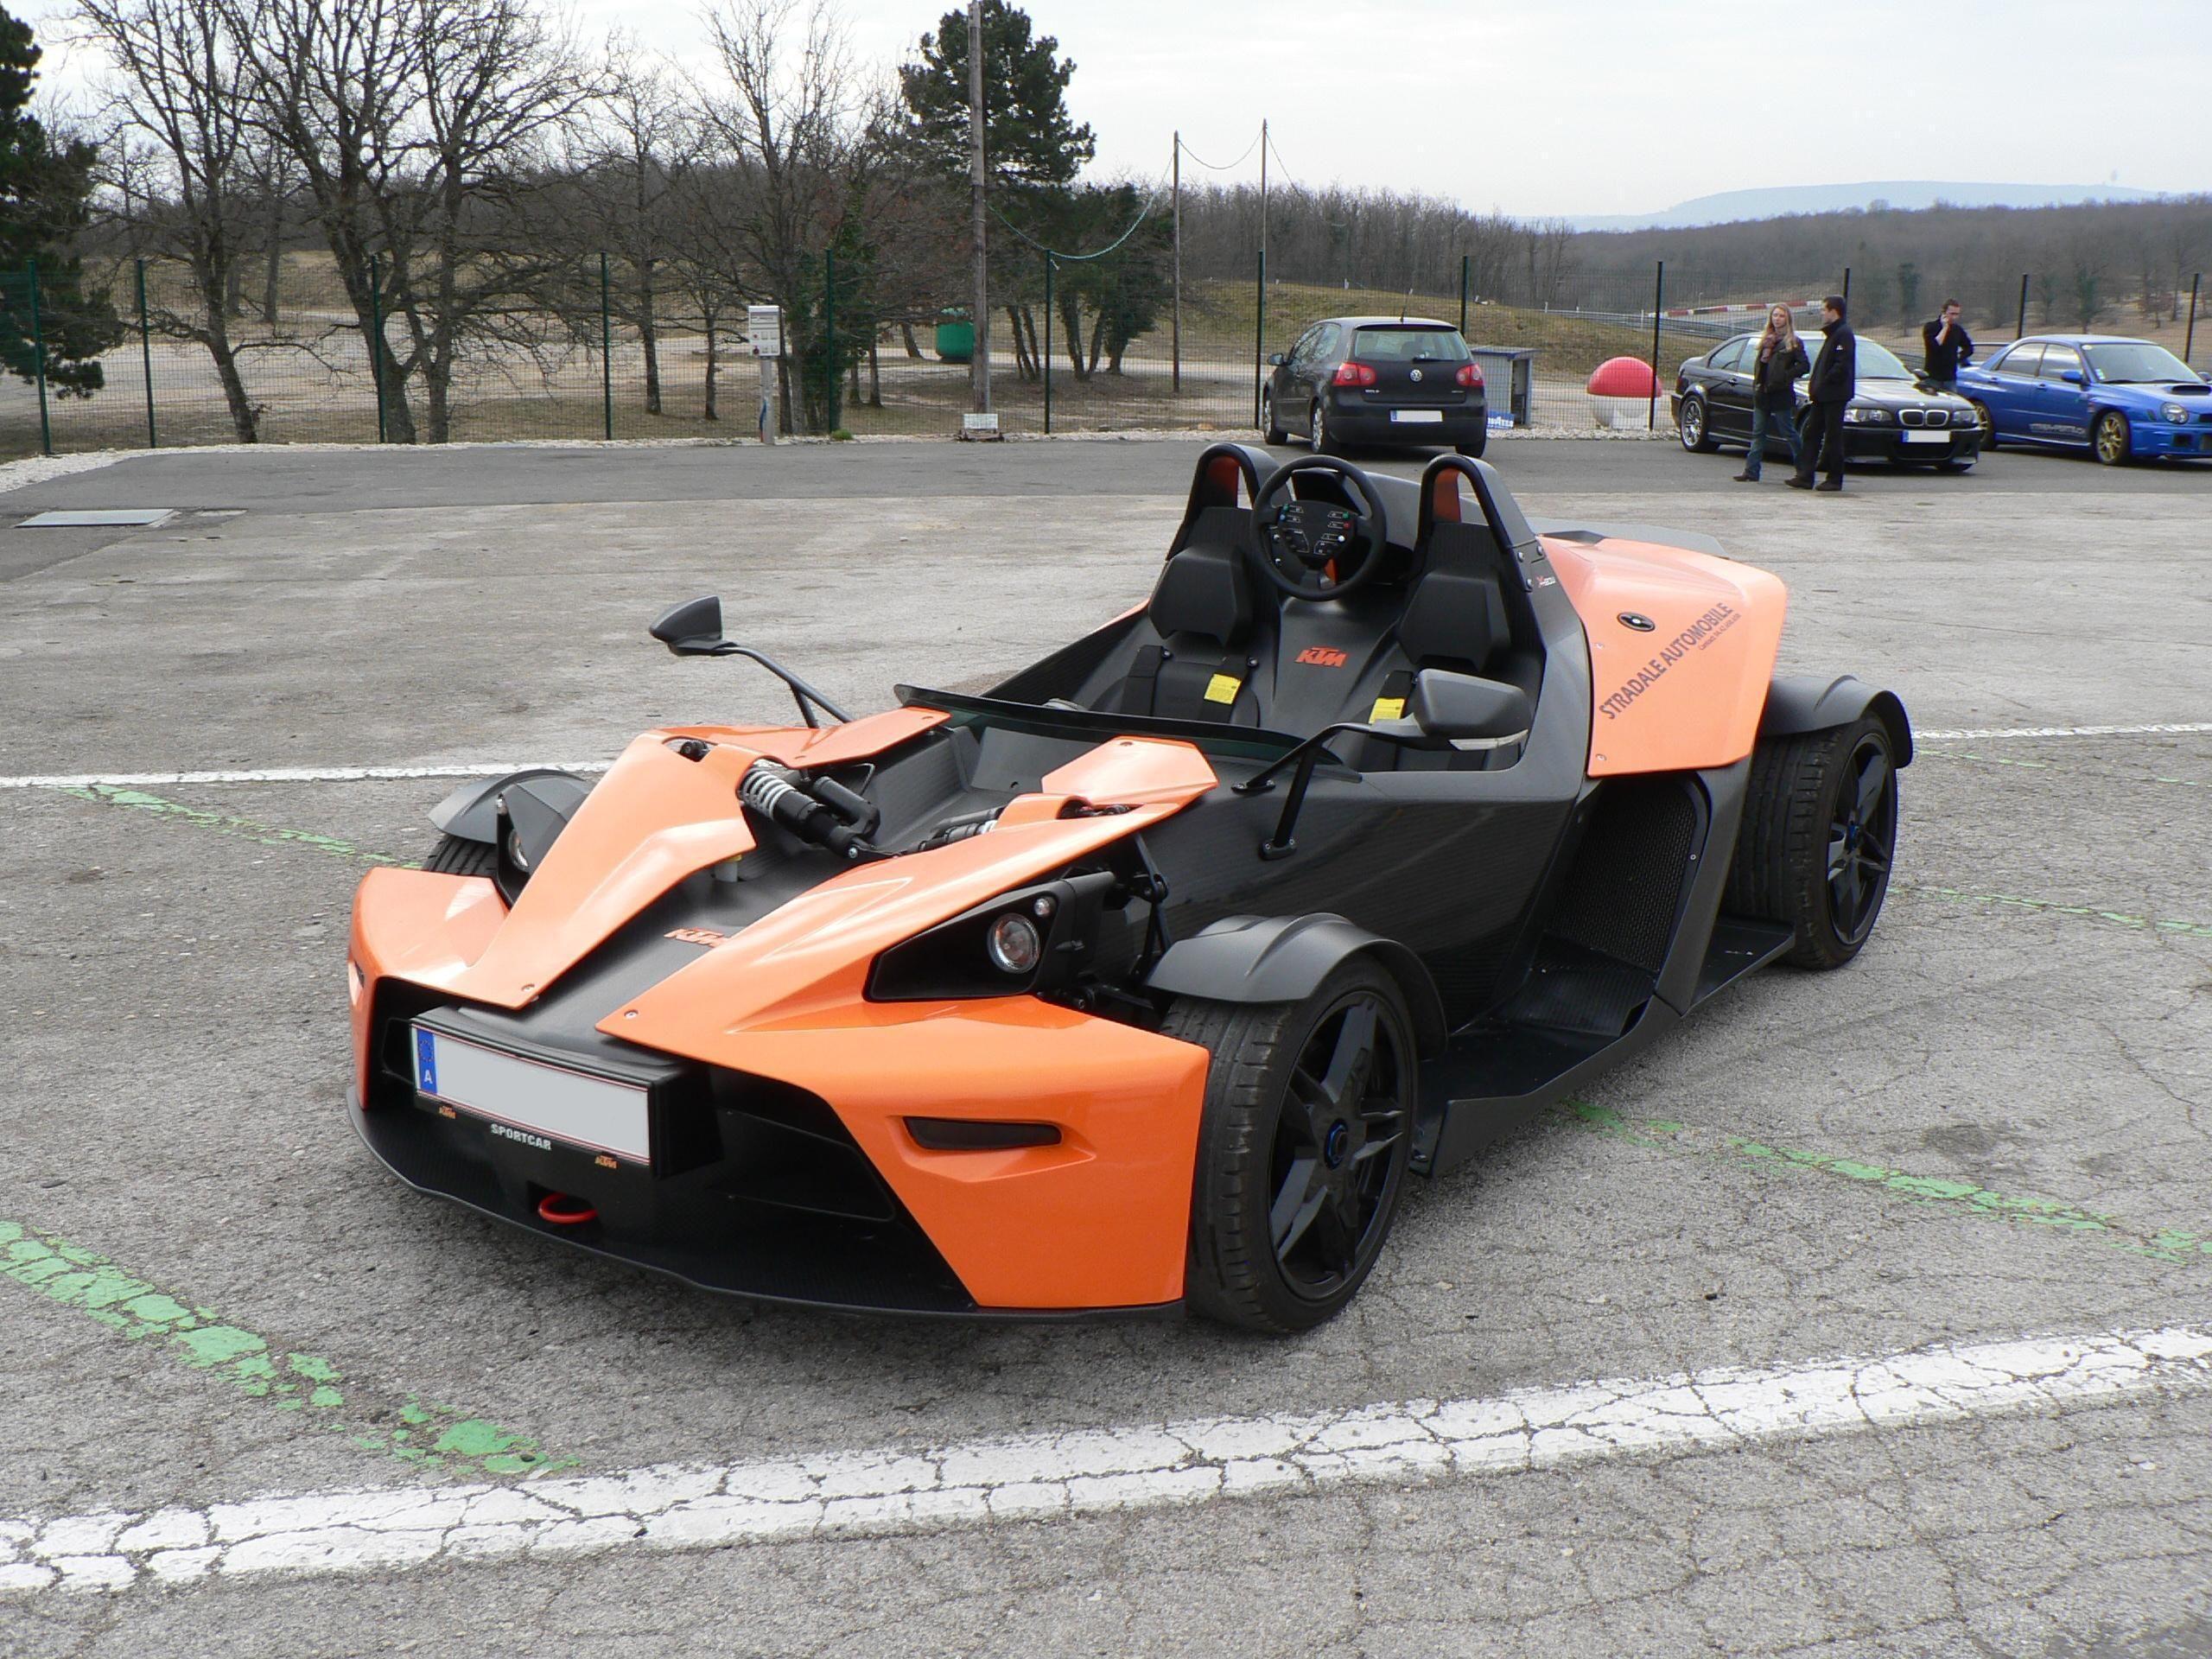 KTM X bow jazda na torze